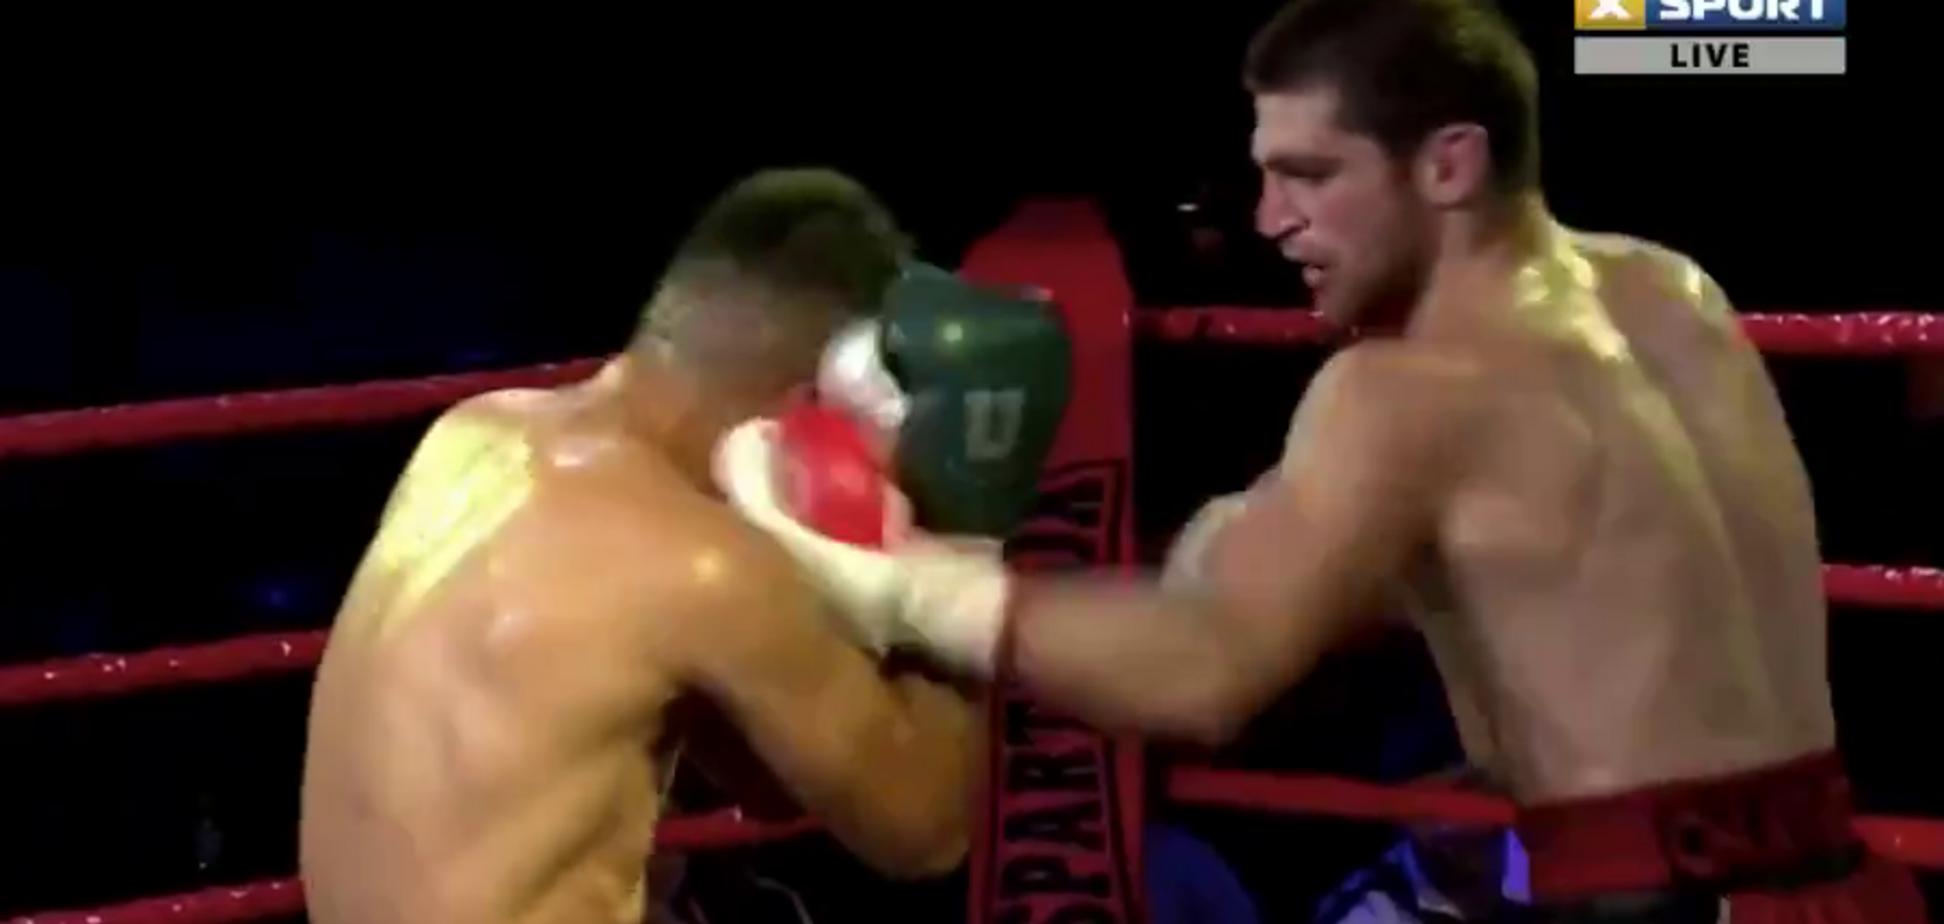 Украинский чемпион забил мексиканского боксера в Киеве - опубликовано видео